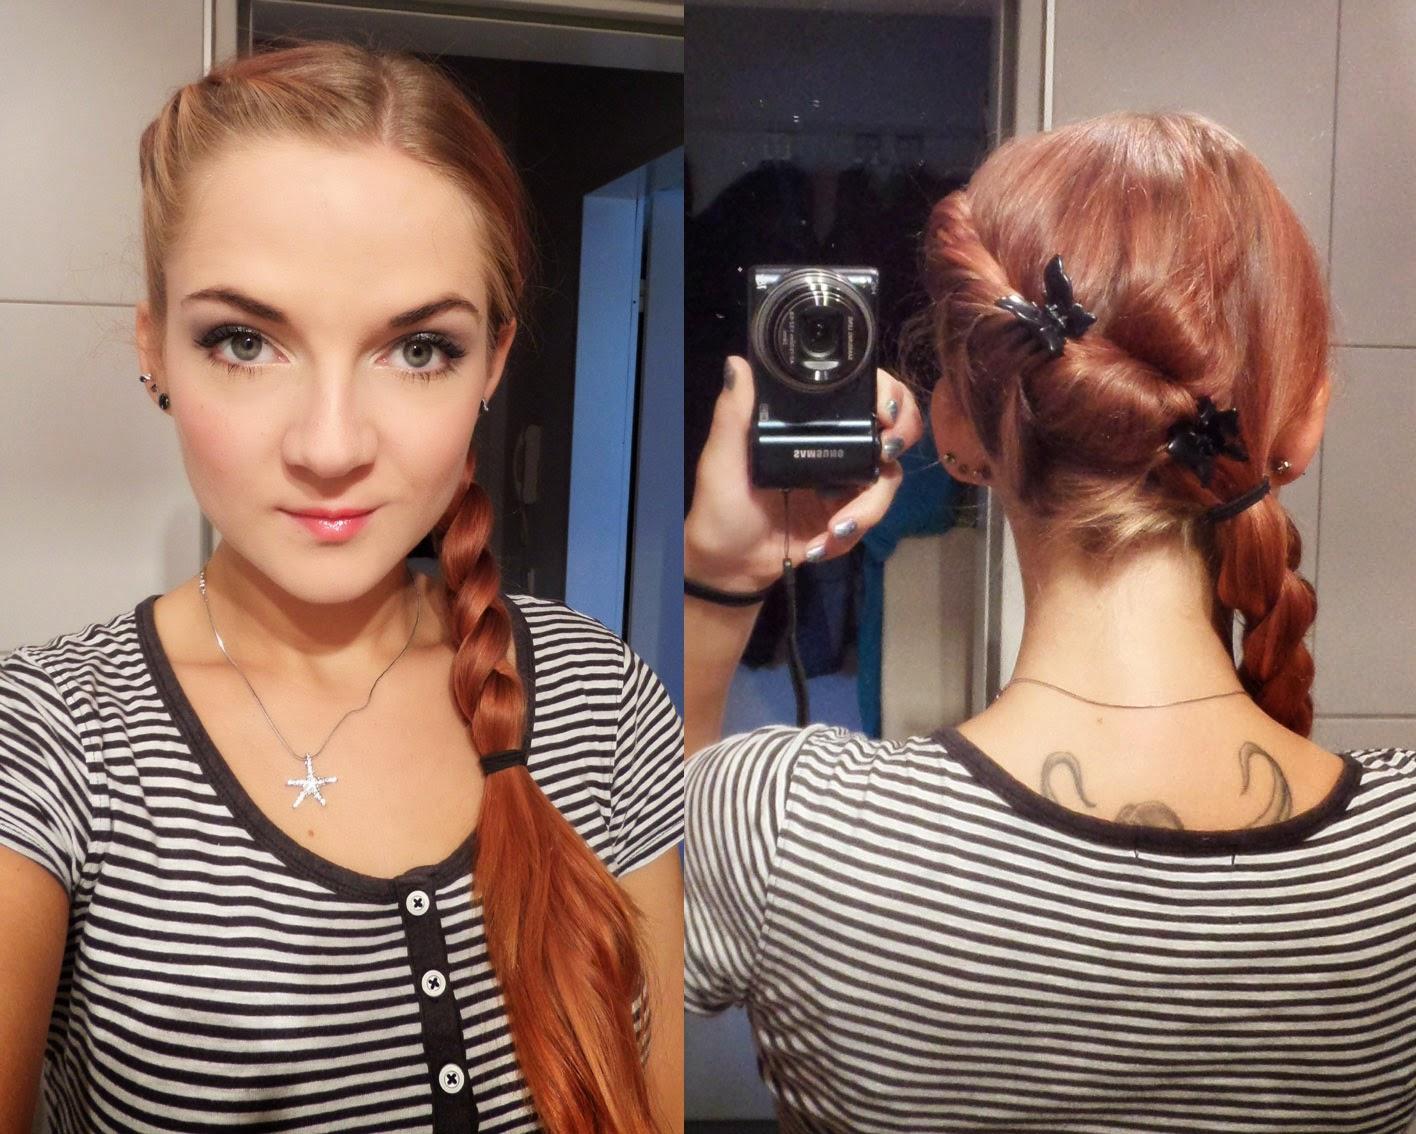 [Mädchenkram] Haare - Sonntagsfrisur 2